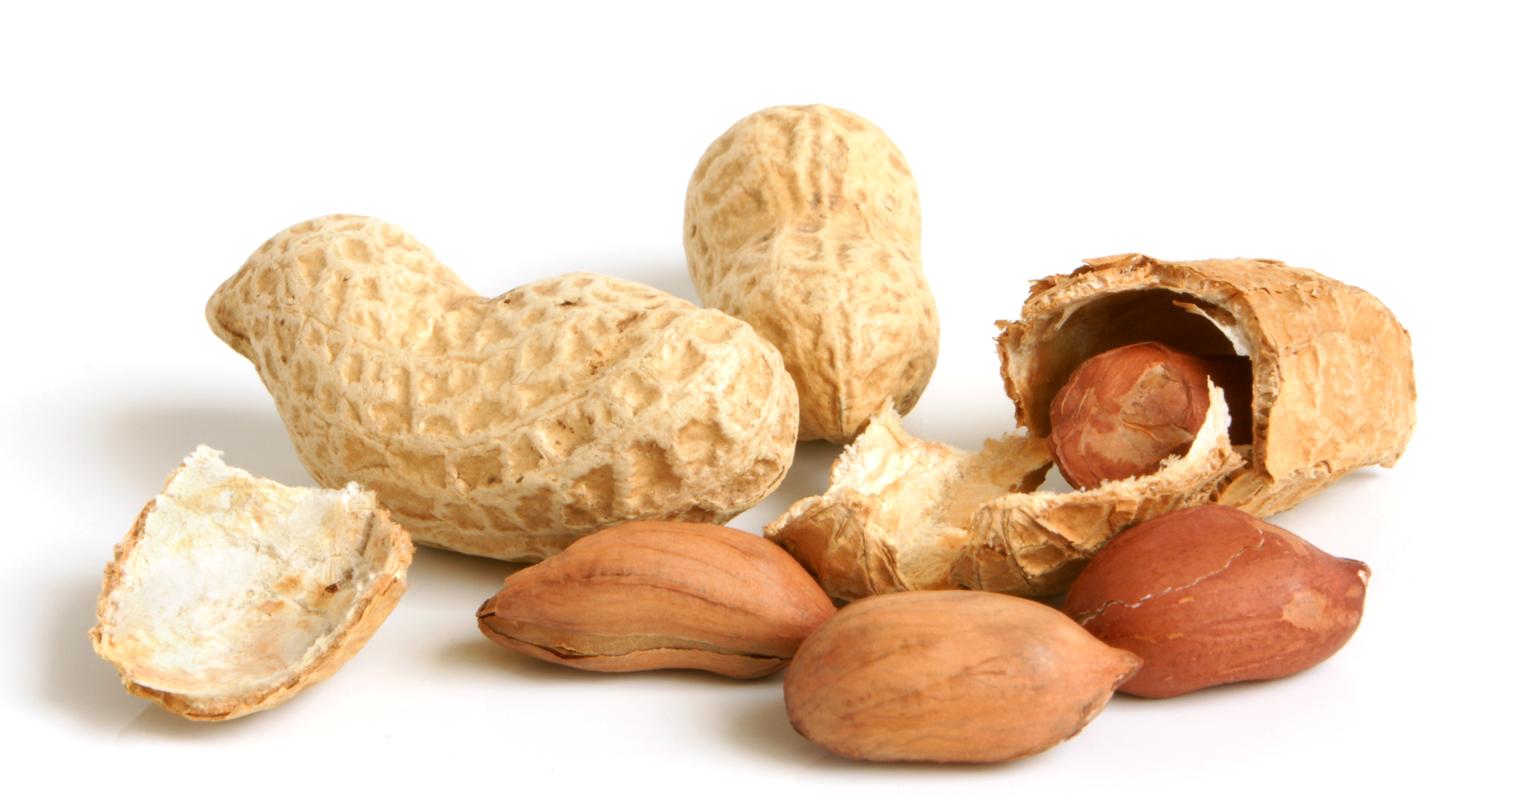 Peanut #1